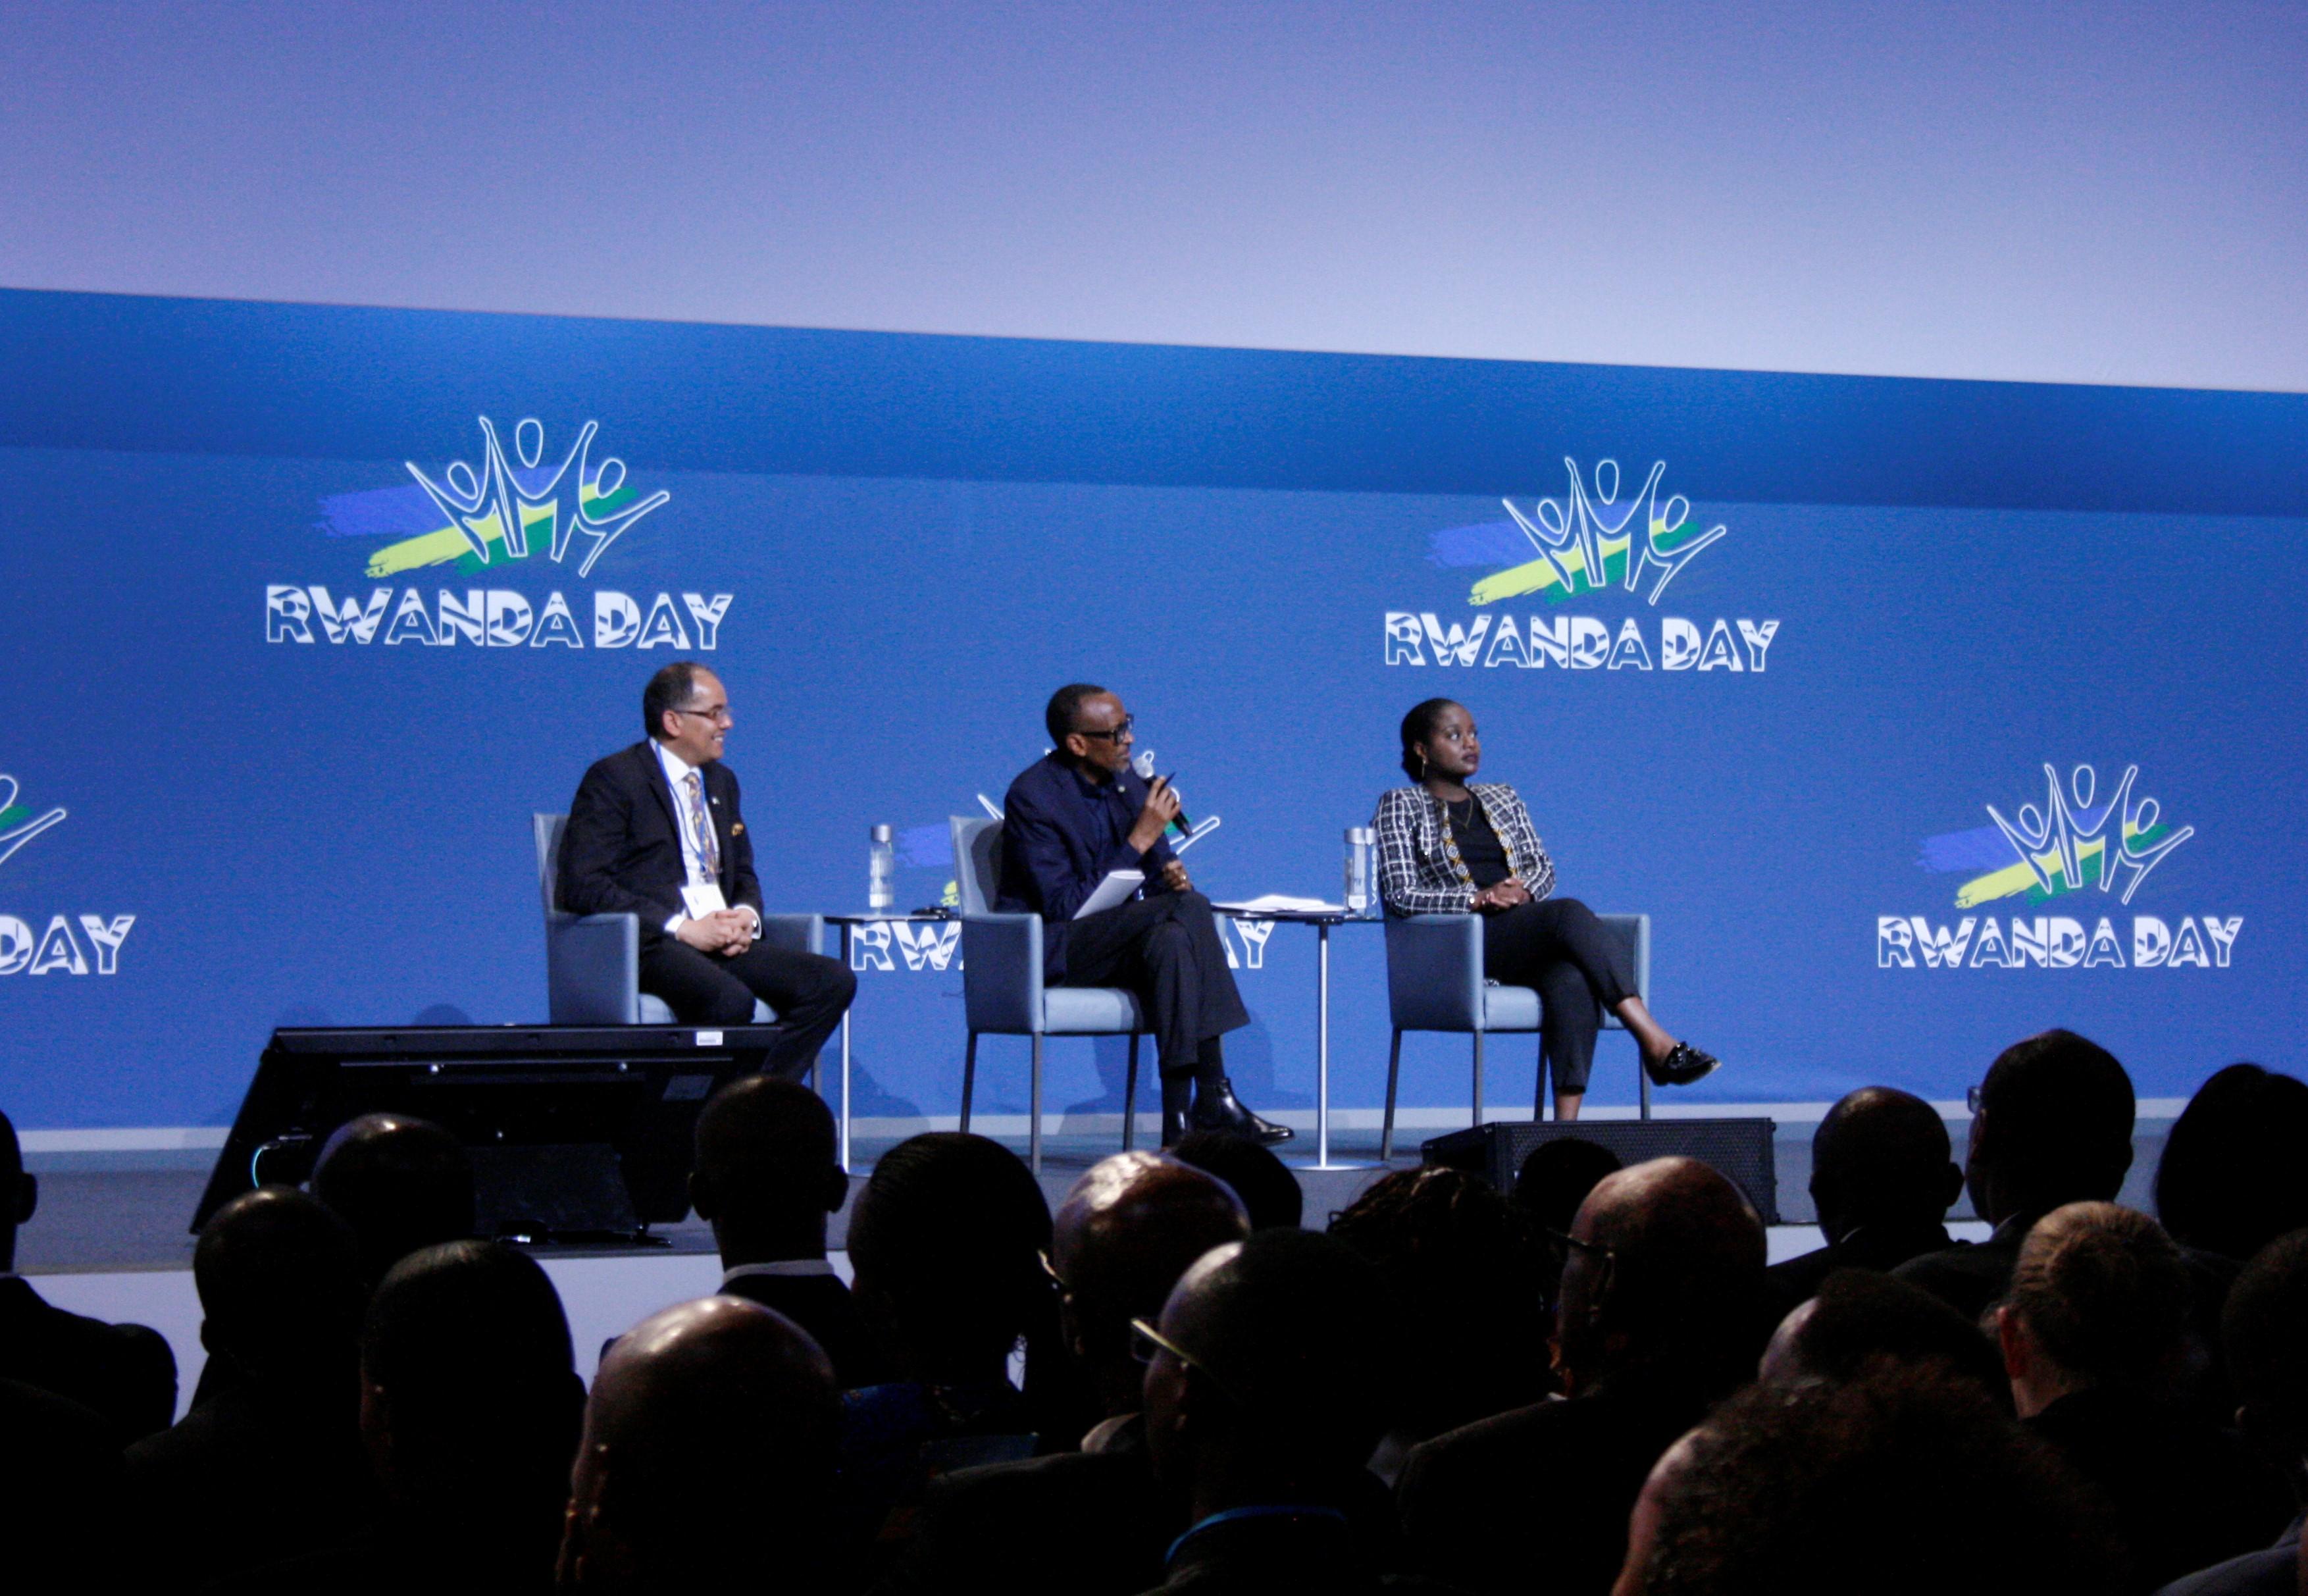 Séance de questions-réponses avec le président rwandais Paul Kagame, le 5 octobre 2019 à Bonn (Allemagne)